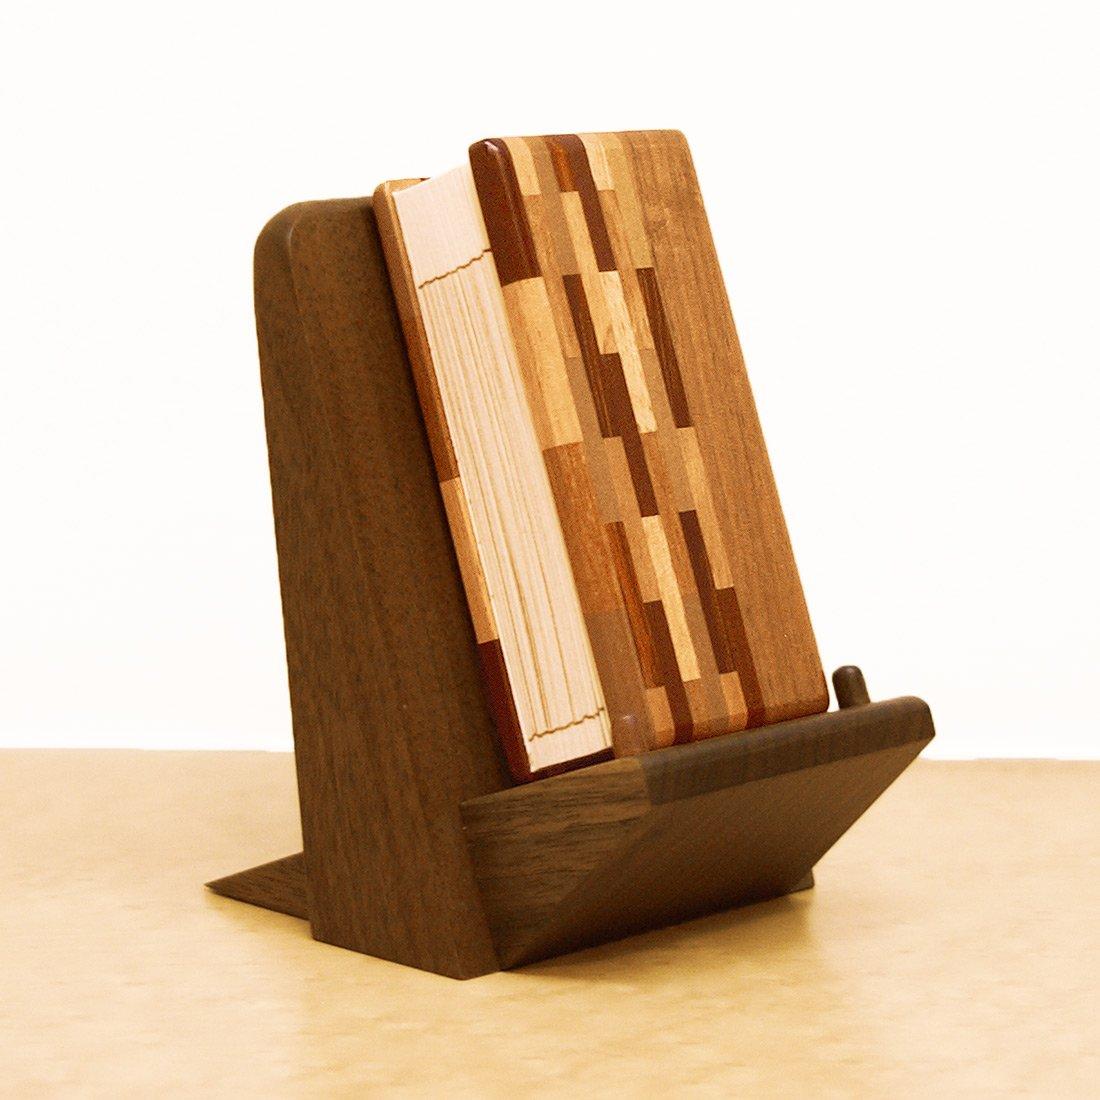 過去帳 過去帳台 セット 天然木 ウォールナット 仏具 日本製 ALTAR B01MYC7UKW